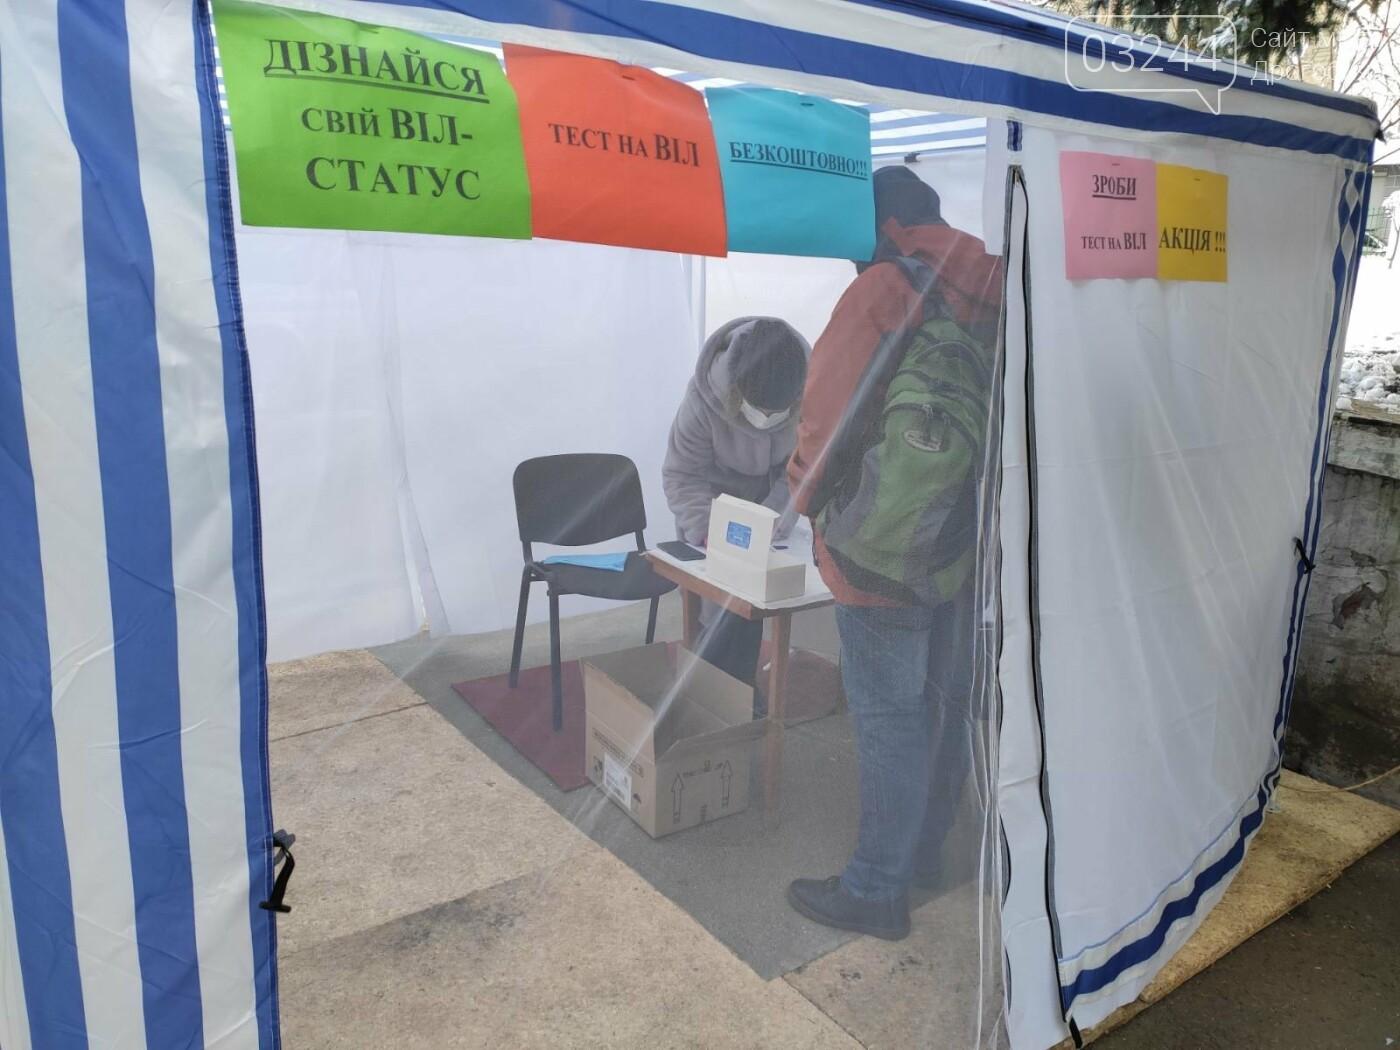 У Дрогобичі сьогодні безкоштовно тестували на ВІЛ-інфекцію. У 2 осіб виявили позитивний результат, фото-3